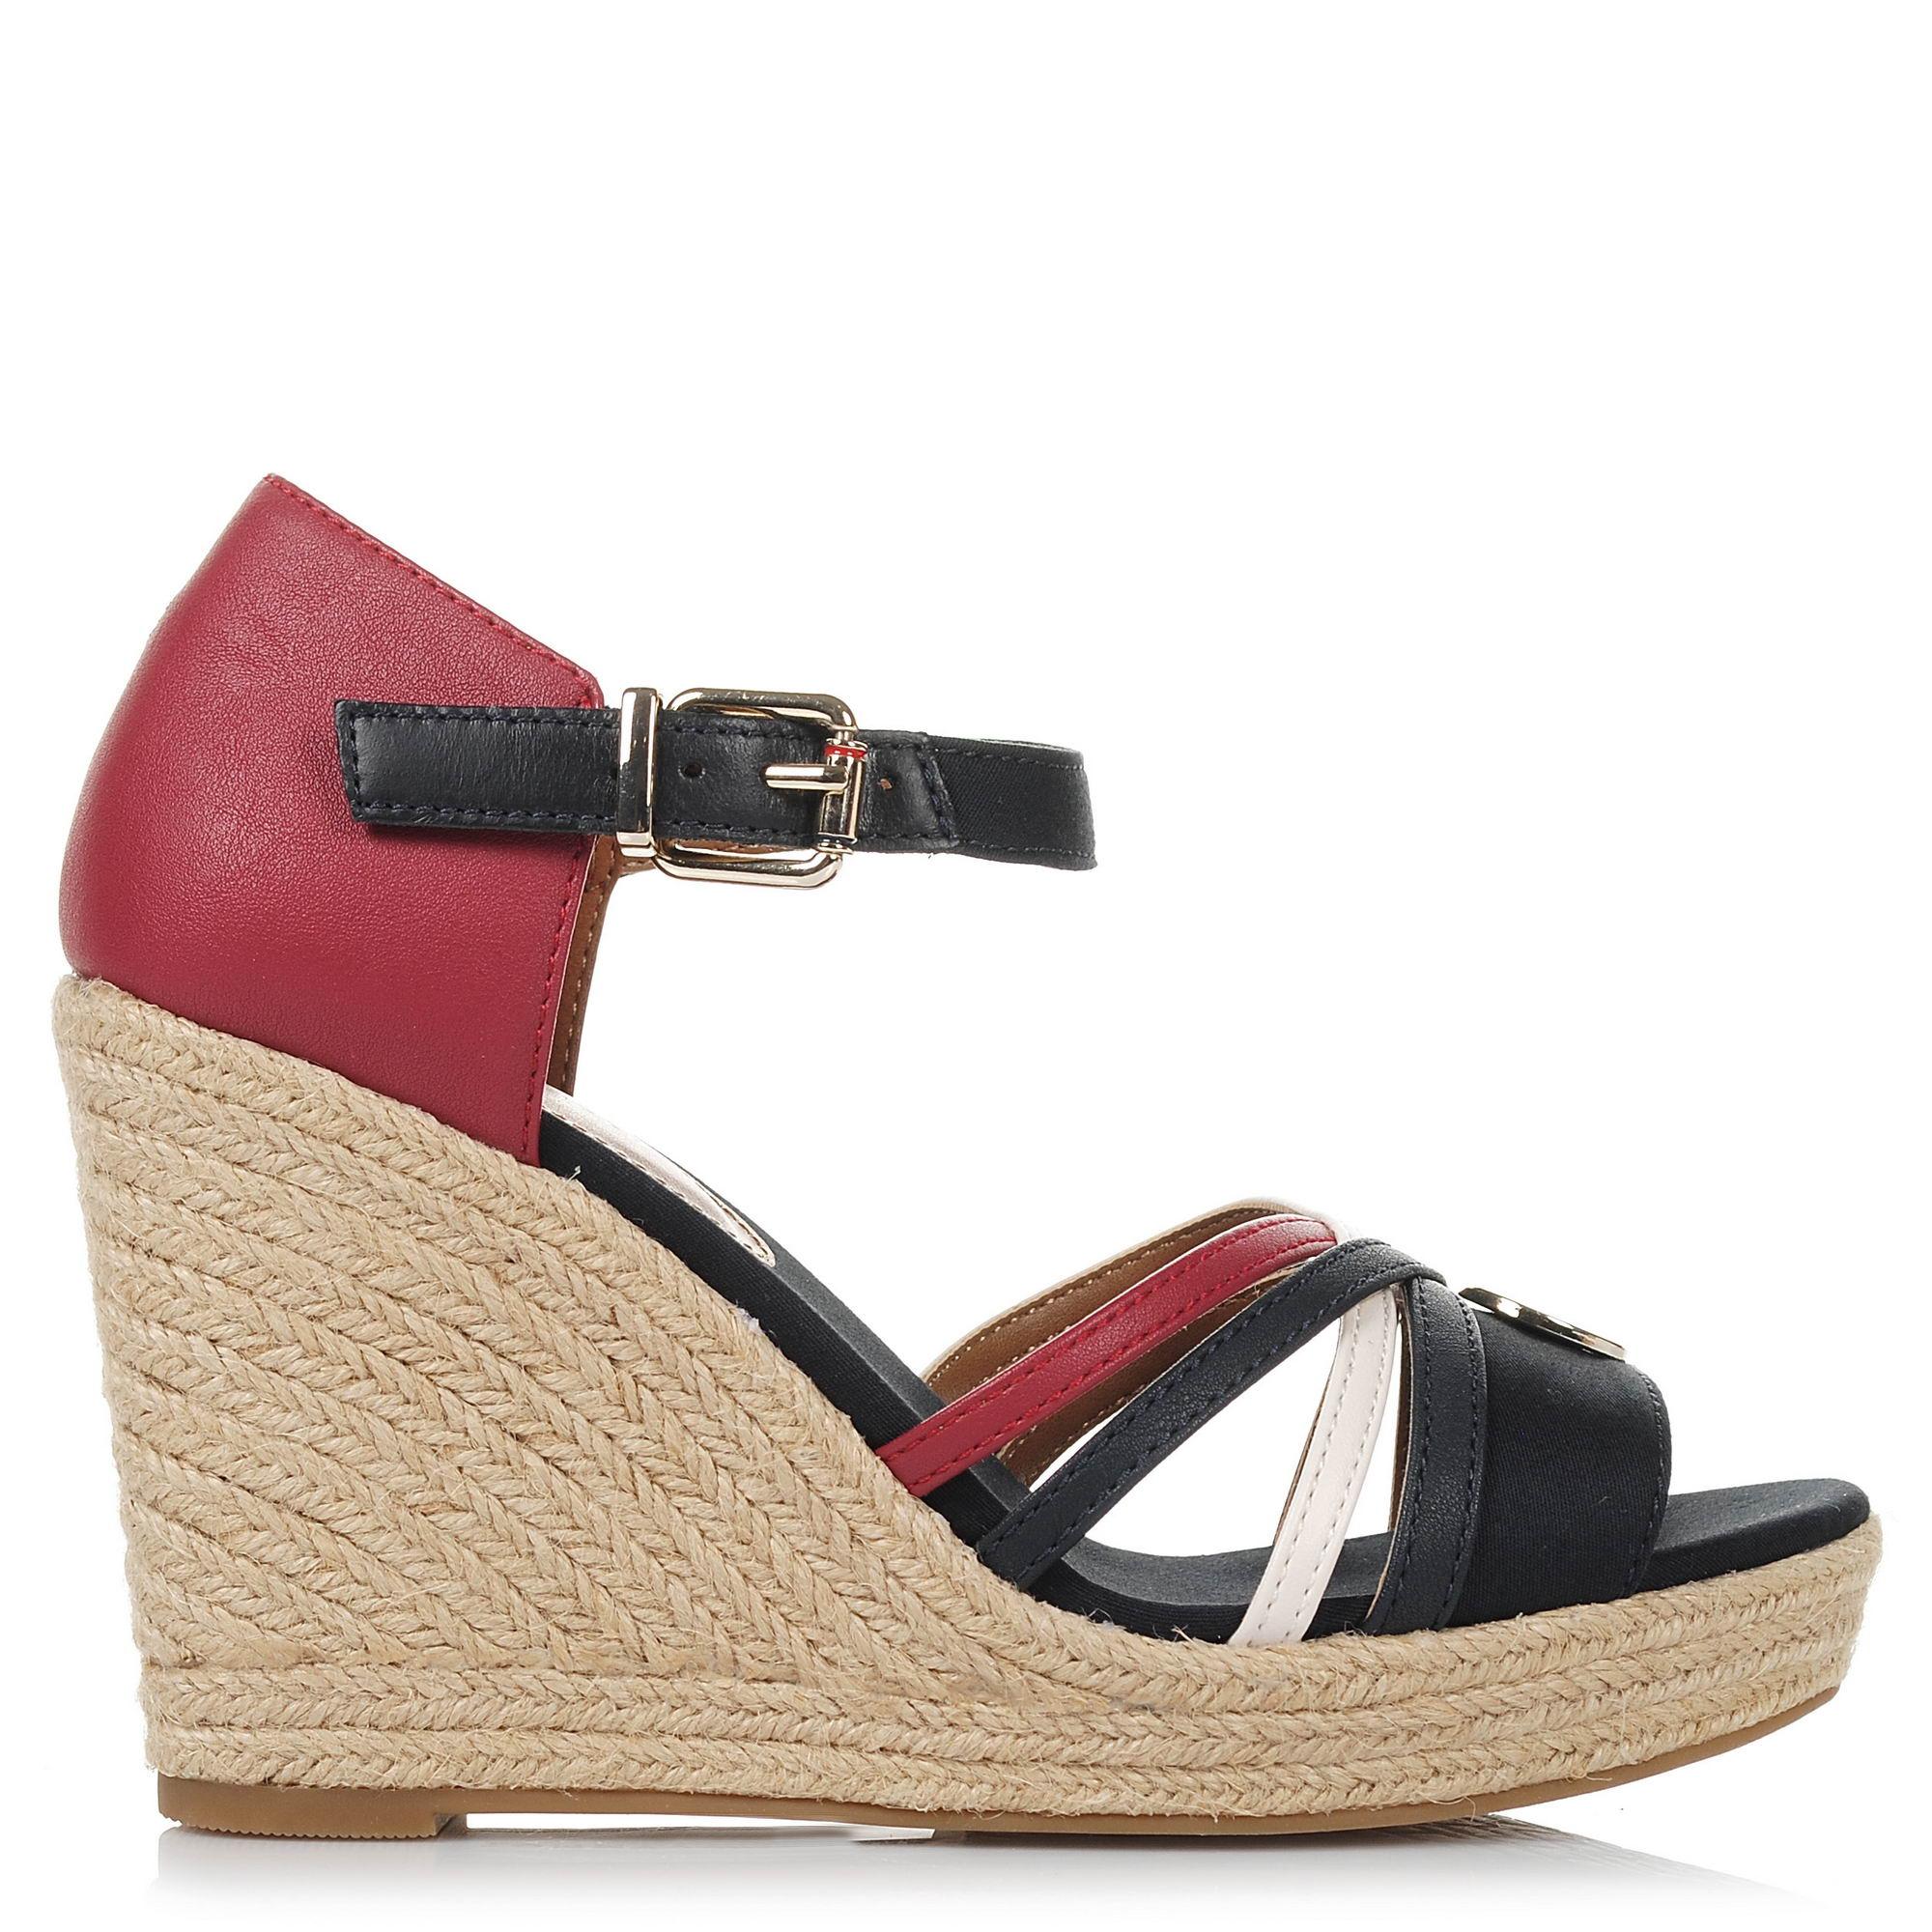 Πλατφόρμες Tommy Hilfiger Iconic Elena Straps Sandals FW0FW02425 γυναικα   γυναικείο παπούτσι